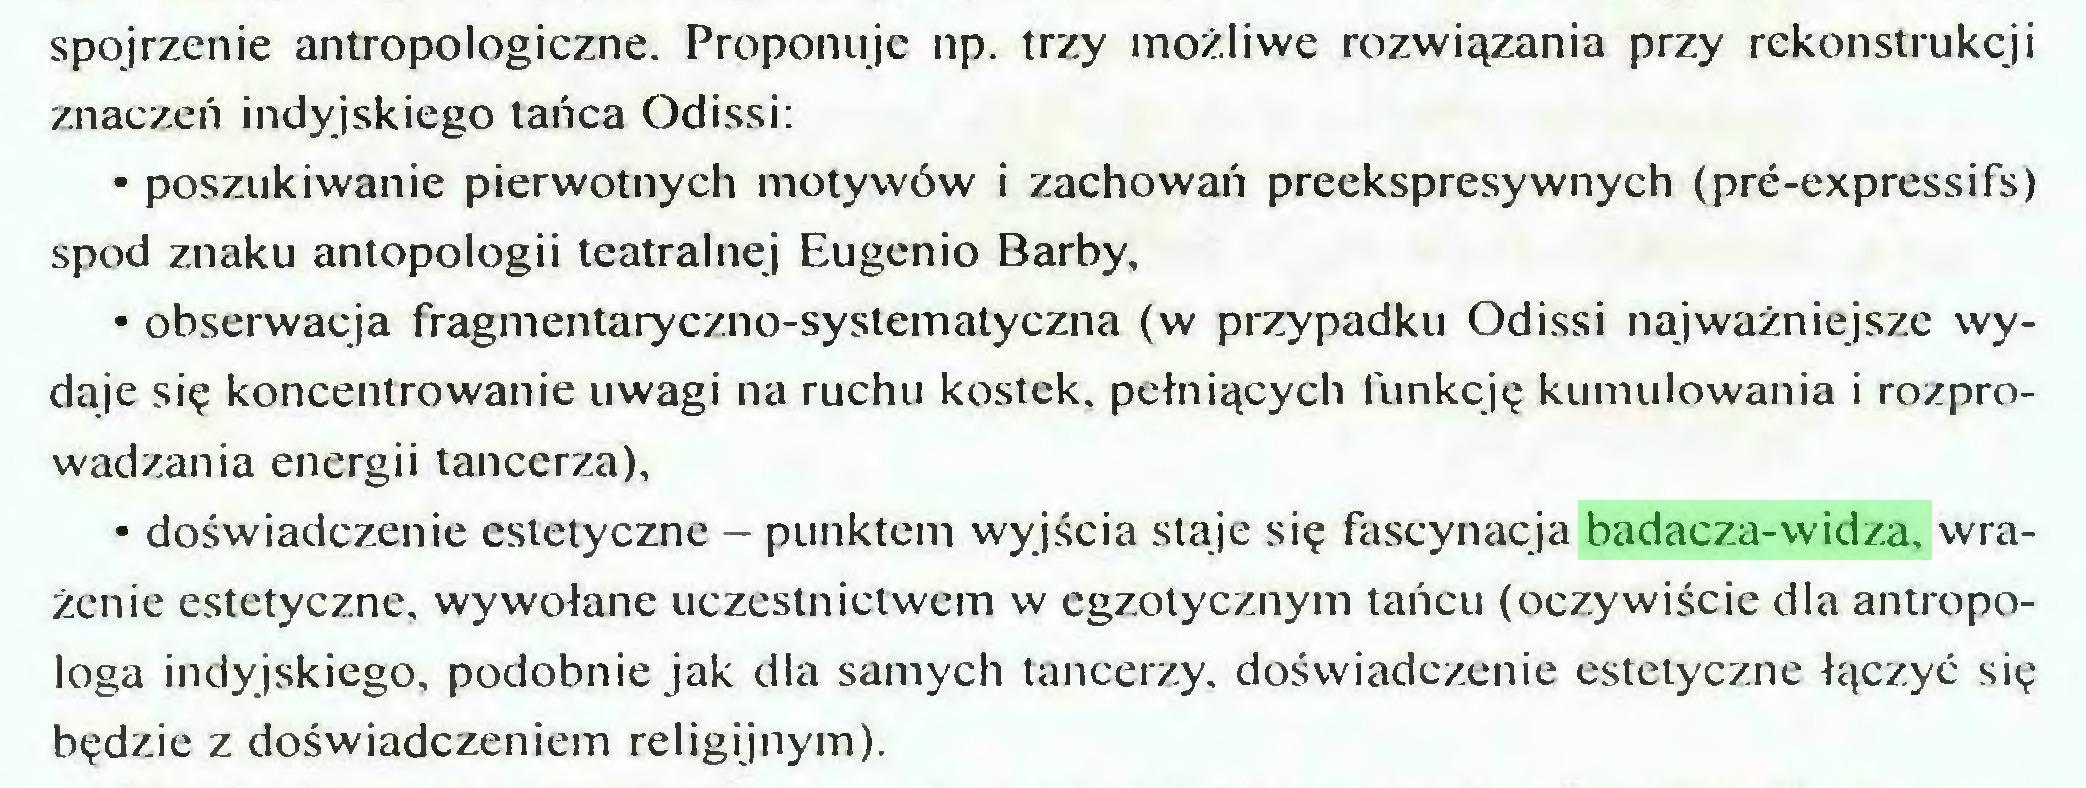 (...) spojrzenie antropologiczne. Proponuje np. trzy możliwe rozwiązania przy rekonstrukcji znaczeń indyjskiego tańca Odissi: • poszukiwanie pierwotnych motywów i zachowań preekspresywnych (pre-expressifs) spod znaku antopologii teatralnej Eugenio Barby, • obserwacja fragmentaryczno-systematyczna (w przypadku Odissi najważniejsze wydaje się koncentrowanie uwagi na ruchu kostek, pełniących funkcję kumulowania i rozprowadzania energii tancerza), • doświadczenie estetyczne - punktem wyjścia staje się fascynacja badacza-widza, wrażenie estetyczne, wywołane uczestnictwem w egzotycznym tańcu (oczywiście dla antropologa indyjskiego, podobnie jak dla samych tancerzy, doświadczenie estetyczne łączyć się będzie z doświadczeniem religijnym)...